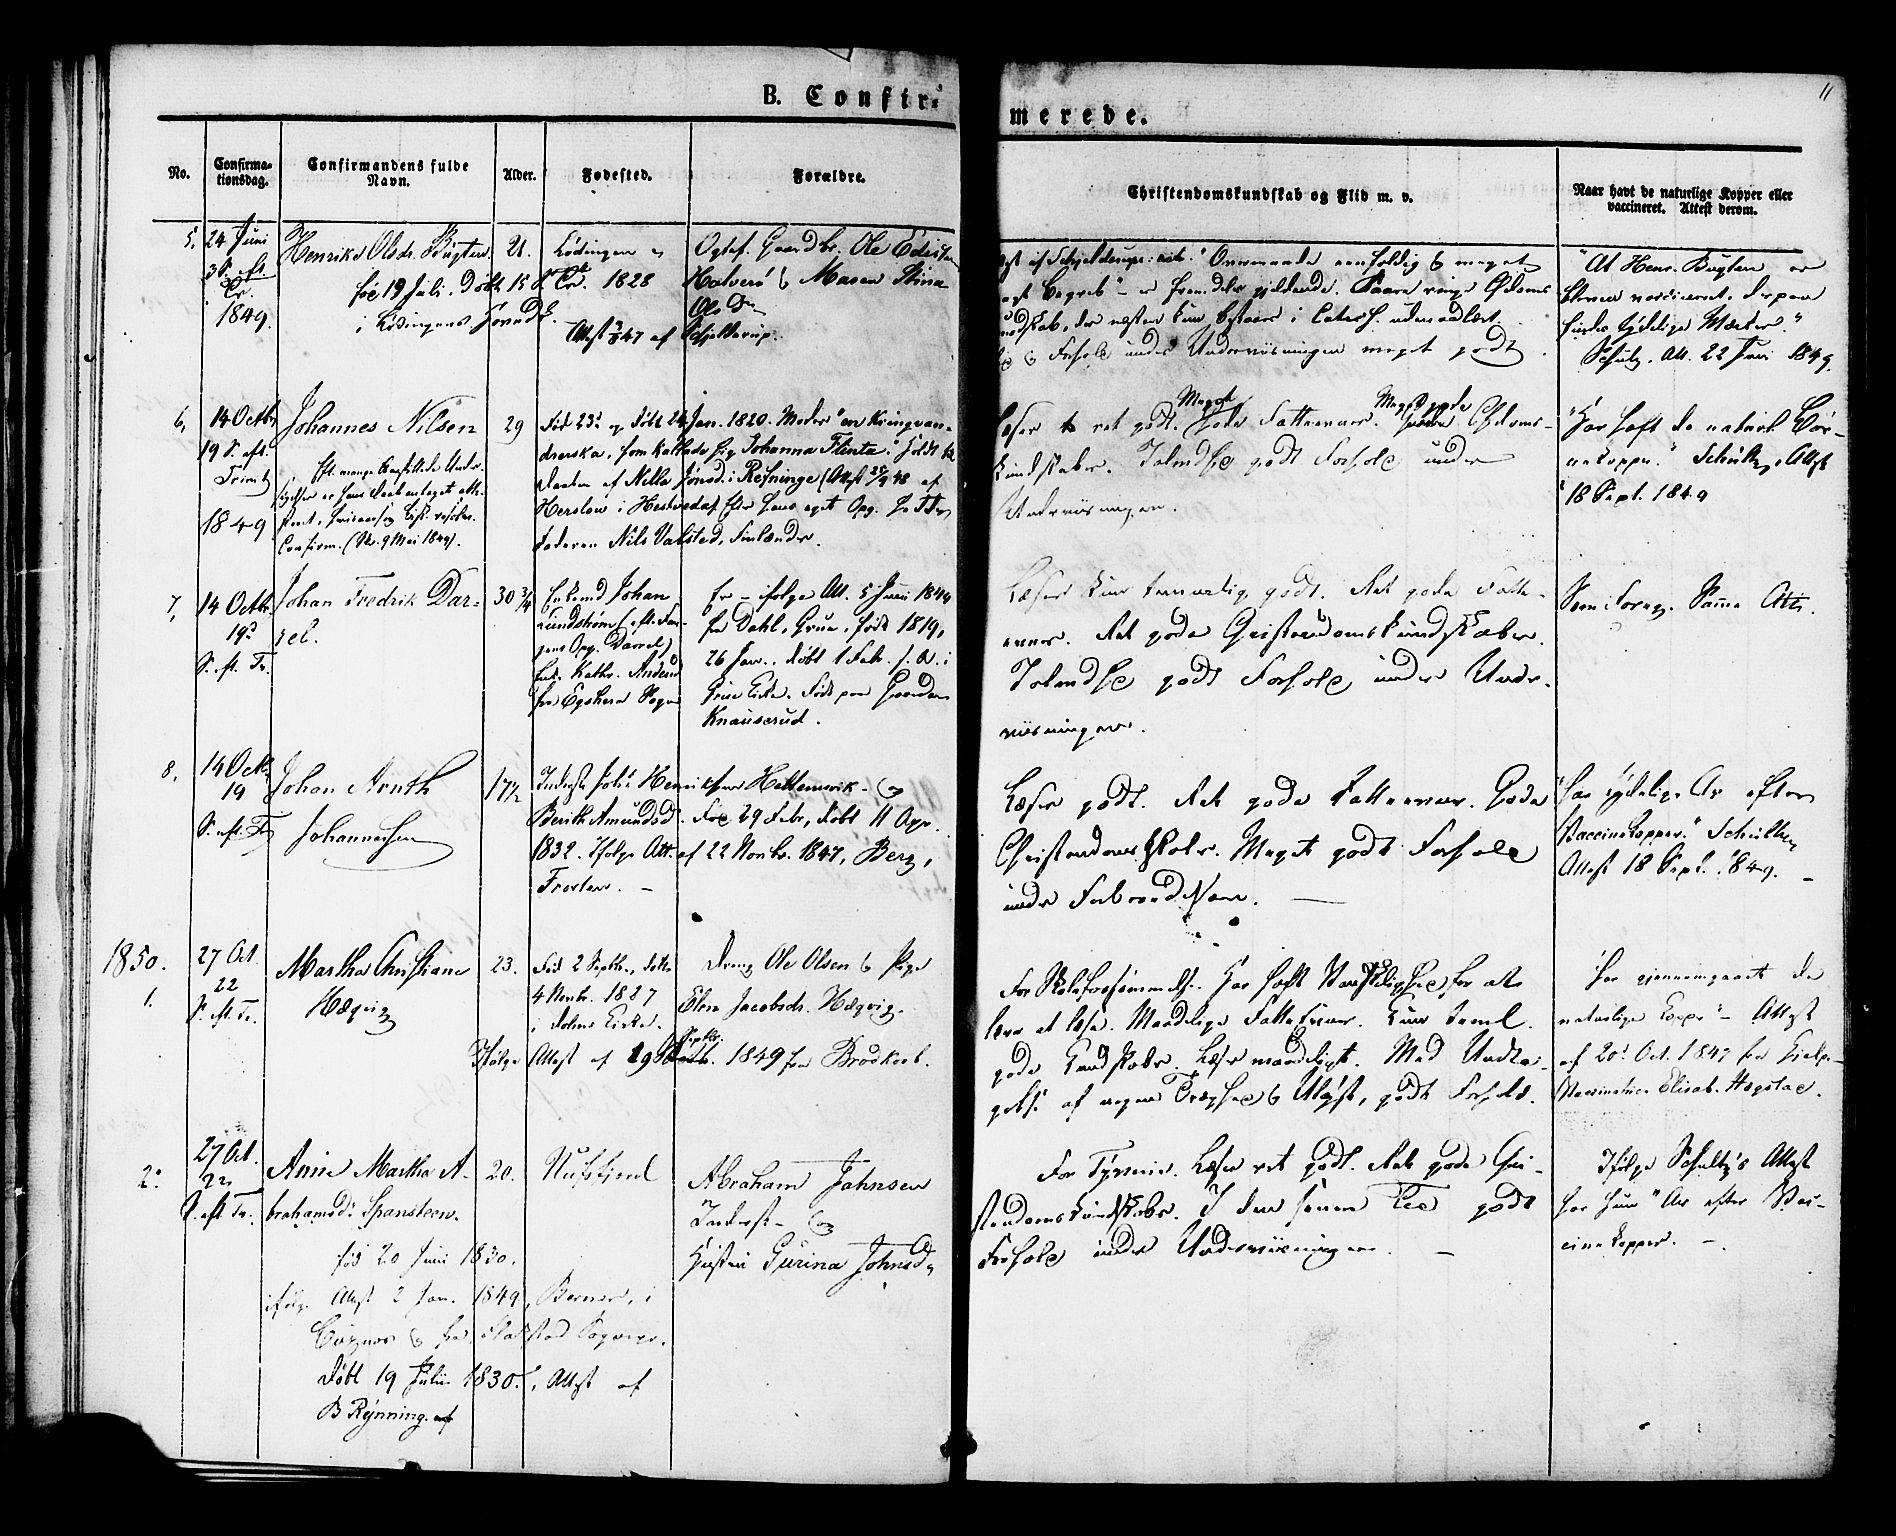 SAT, Ministerialprotokoller, klokkerbøker og fødselsregistre - Sør-Trøndelag, 624/L0480: Ministerialbok nr. 624A01, 1841-1864, s. 11